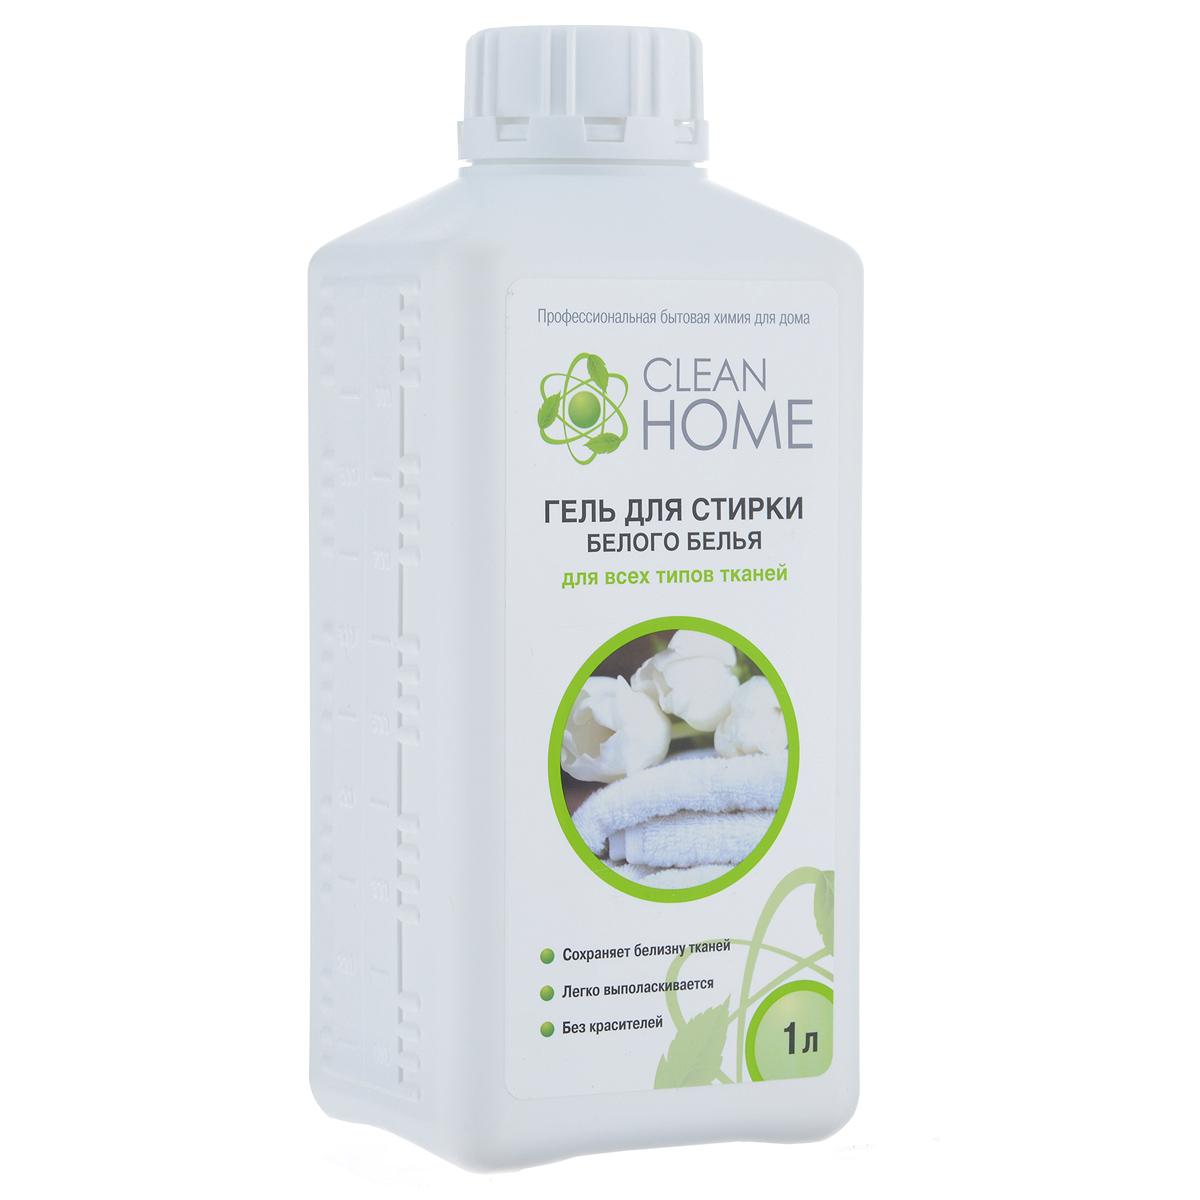 Гель для стирки белого белья Clean Home, для всех типов тканей, 1 лGC204/30Деликатное средство Clean Home предназначено для стирки всех типов белых тканей в воде любой жесткости для ручной и машинной стирки. - Обладает высокой моющей способностью- Эффективно удаляет пятна и загрязнения- Сохраняет структуру тканей- Препятствует образованию серого оттенка и желтизны- Легко выполаскивается. Не содержит красителей и хлора. Линия профессиональной бытовой химии для дома Clean Home представлена гаммой средств для стирки и уборки дома. Clean Home - это весь необходимый ряд высокоэффективных универсальных средств европейского качества.Состав: вода, 5-15% АПАВ, менее 5% НПАВ, менее 5% фосфаты, мыло, оптический отбеливатель, полимер, функциональные добавки, метилхлороизотиазолинон, метилизотиазолинон, отдушка.